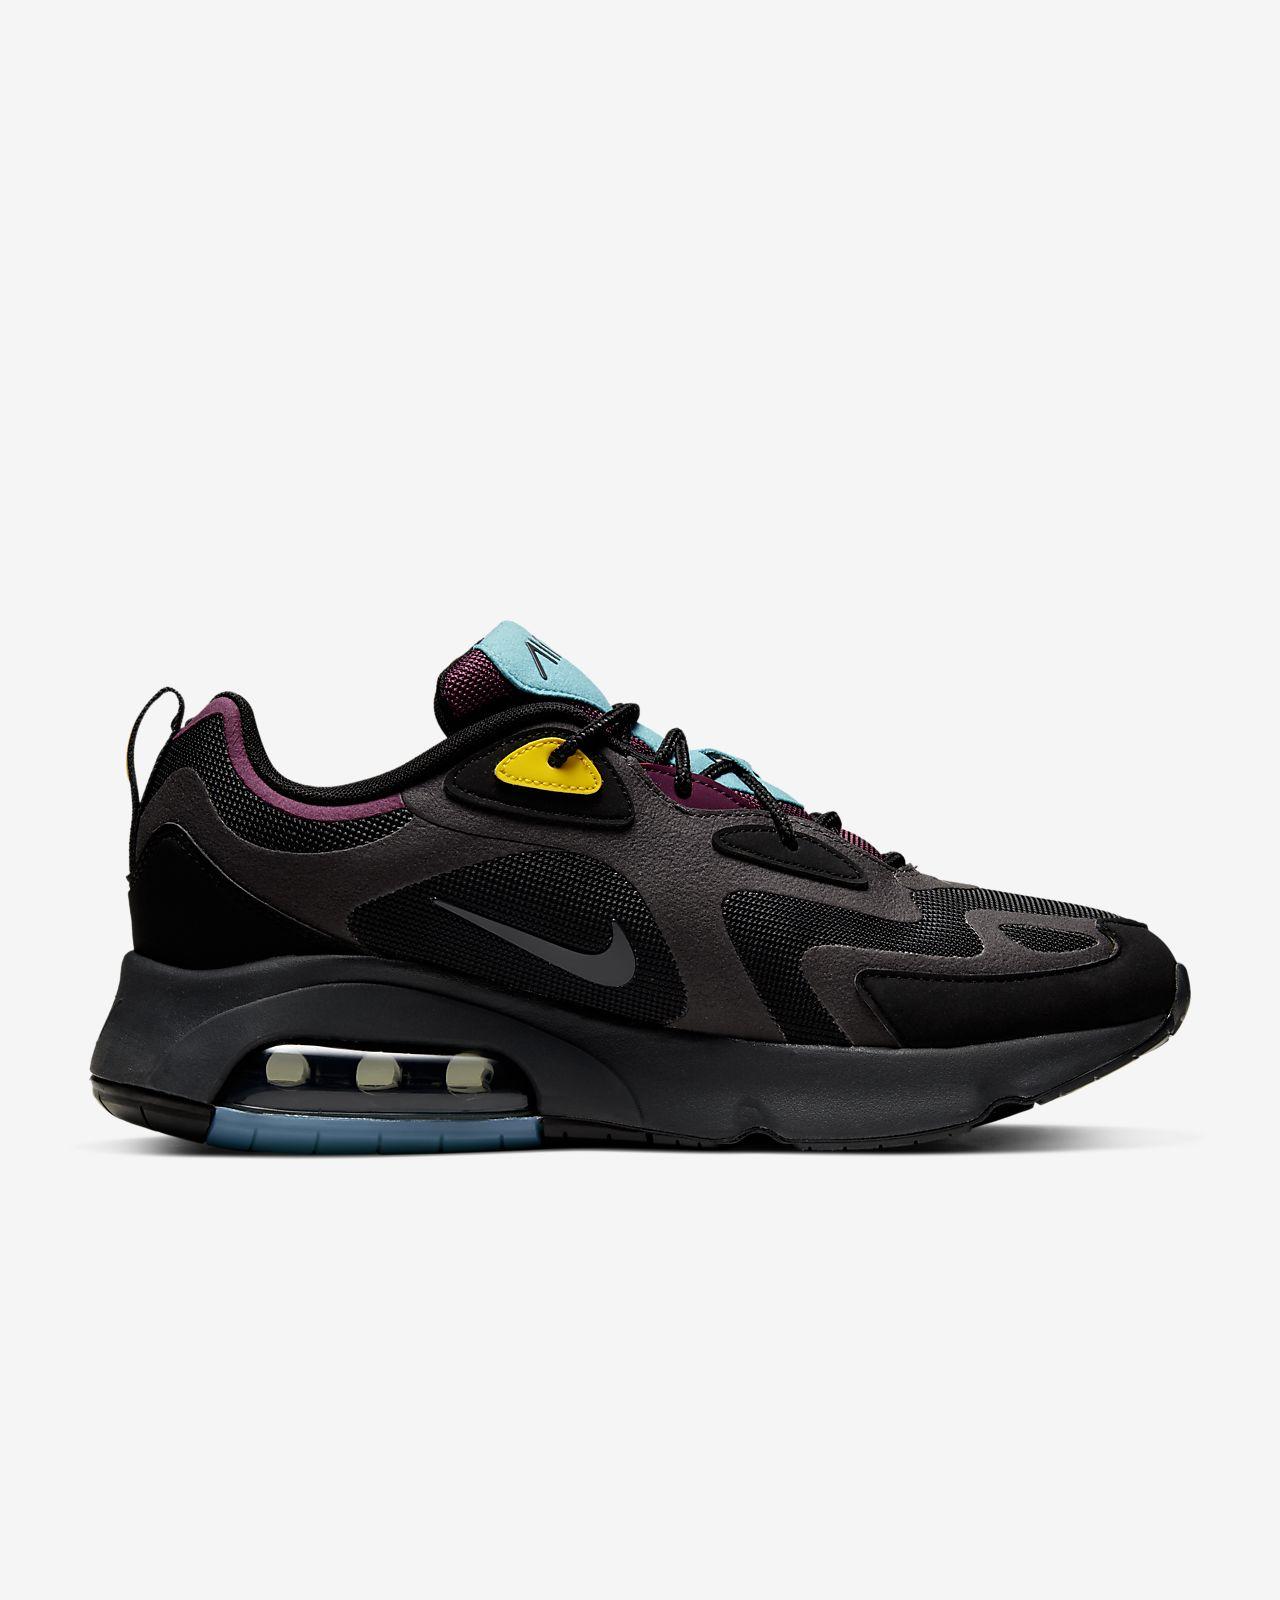 Nike Air Max 360 Men's shoes Black Grey | Nike air max 360